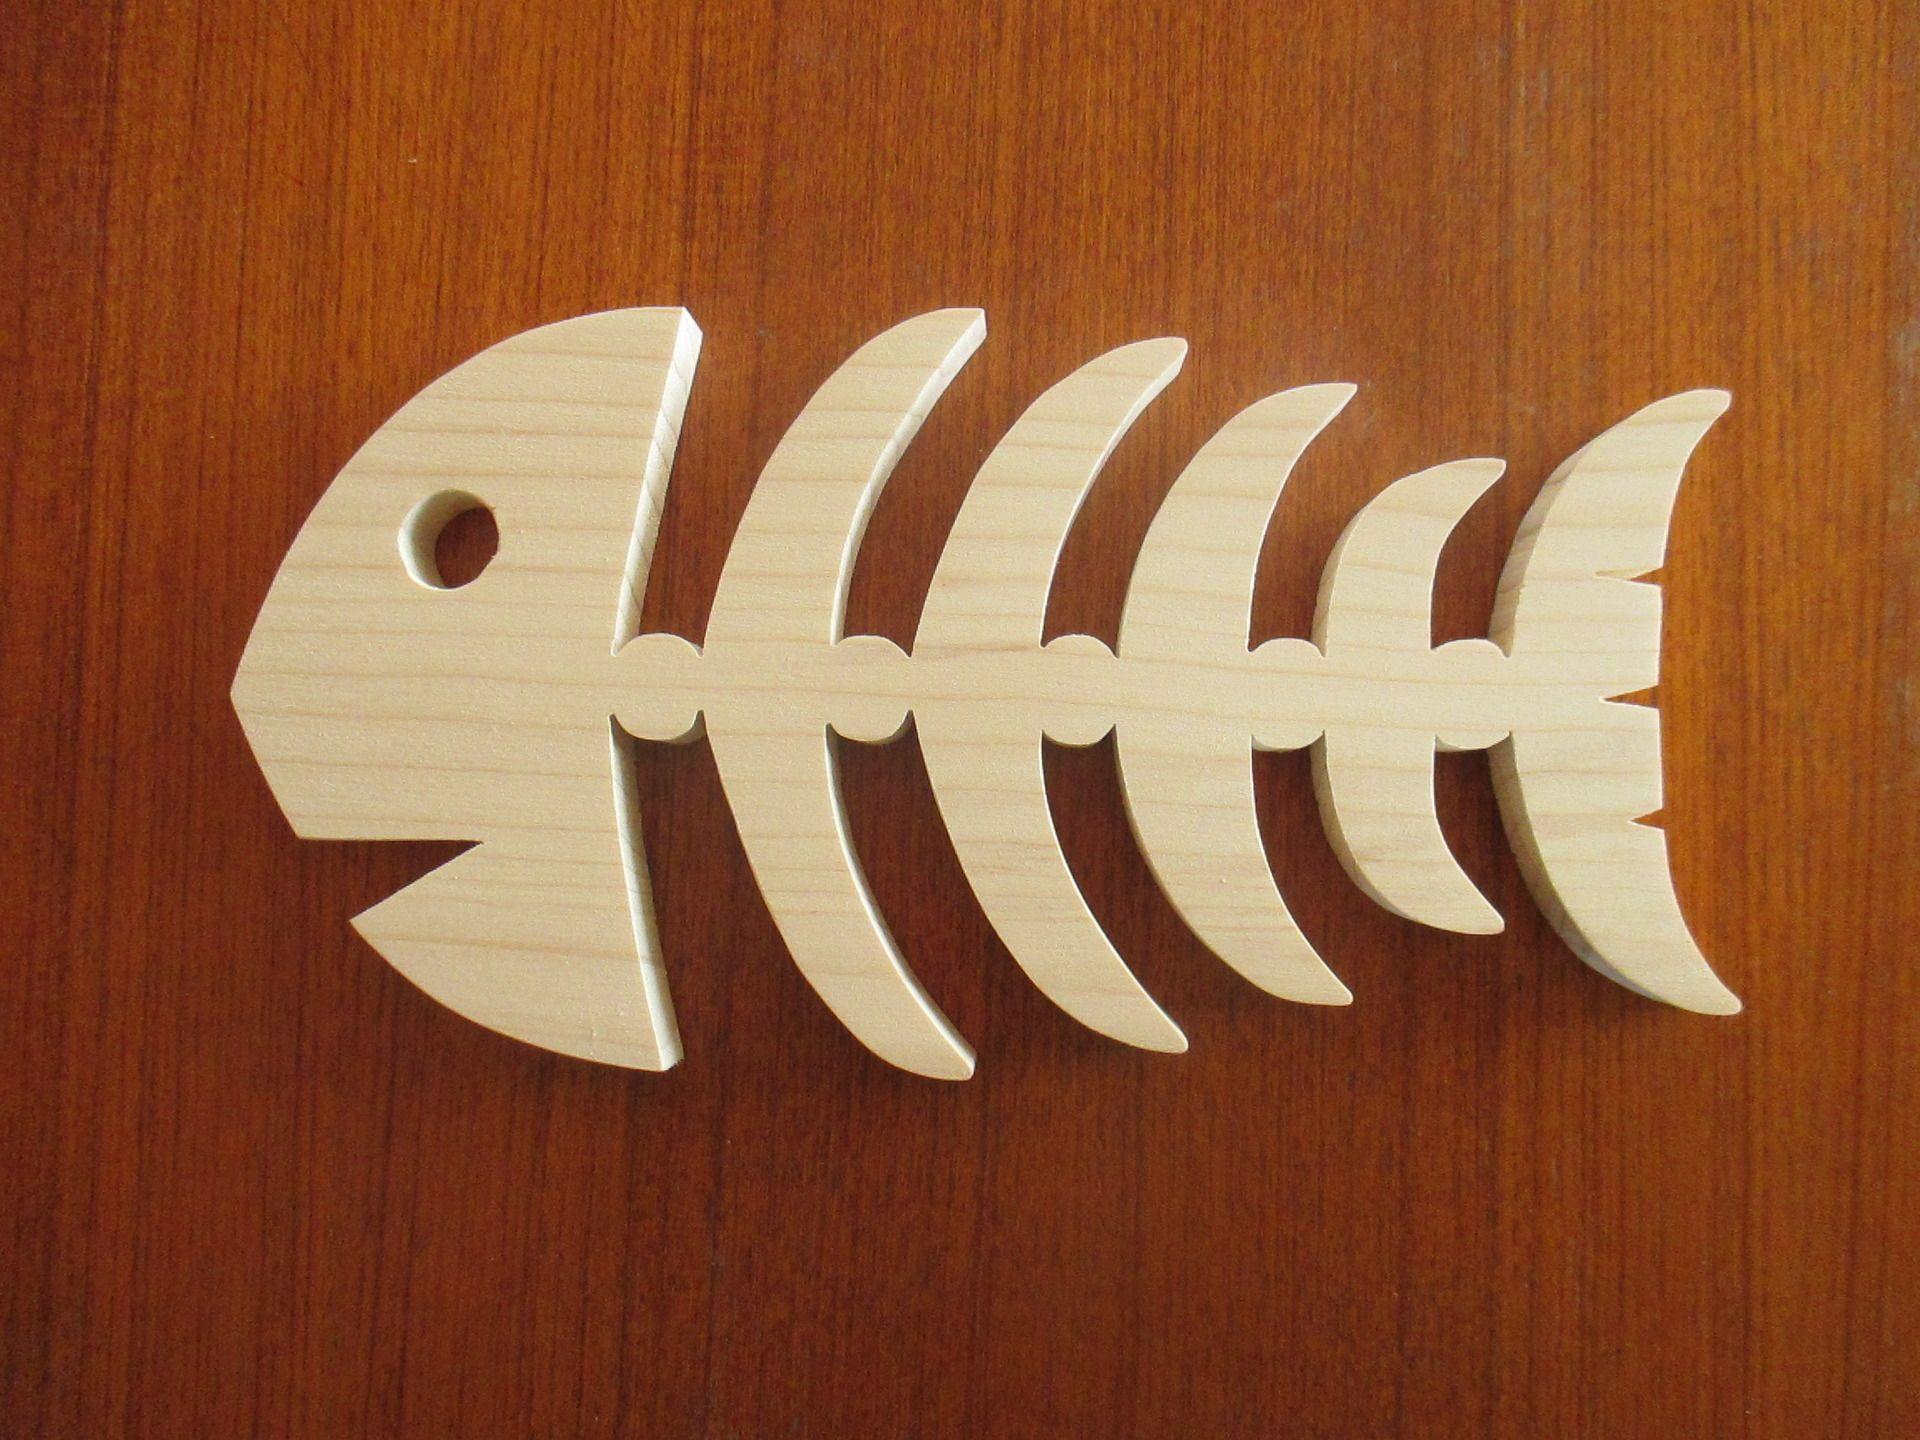 Poisson ar te de poisson dessous de plat d coration en bois d 39 pic a naturel accessoires de - Modele poisson ...